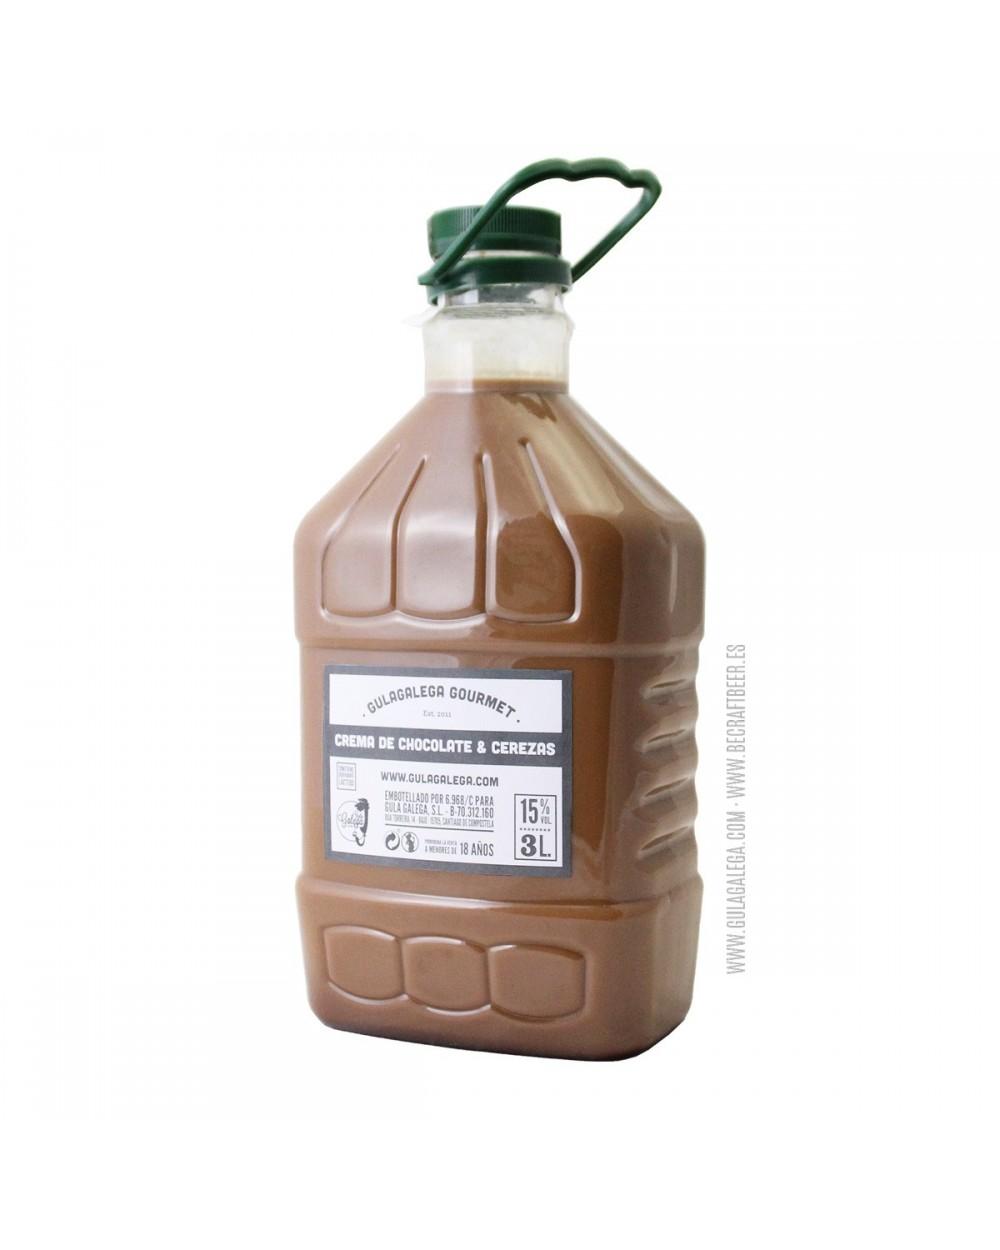 Crema de Chocolate y Cerezas GULAGALEGA GOURMET 3 Litros